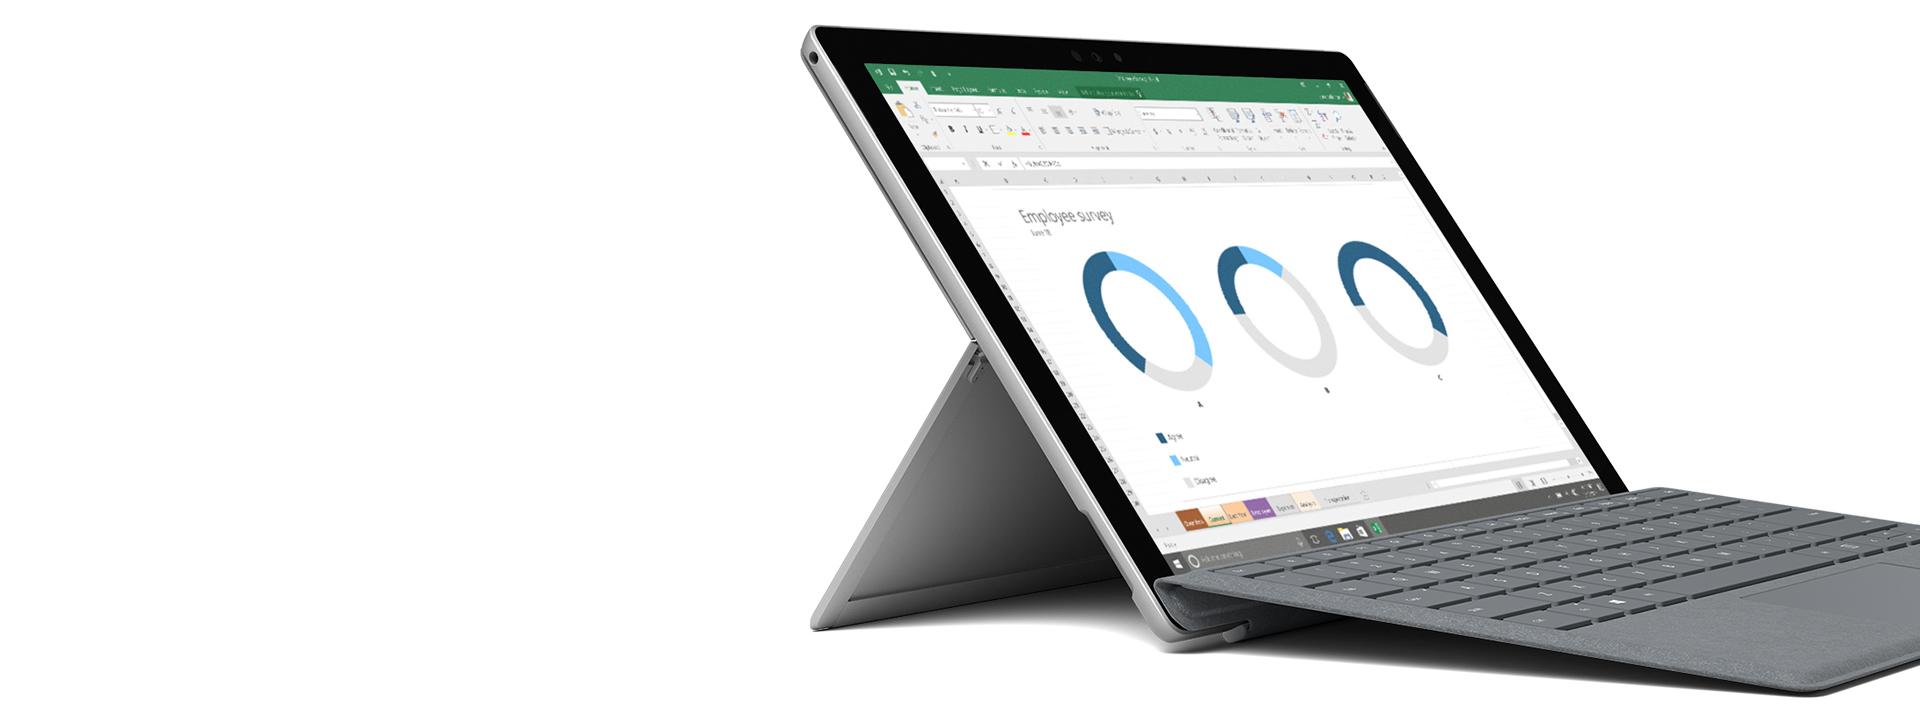 Surface-enhet med Windows/Office öppet på skärmen.